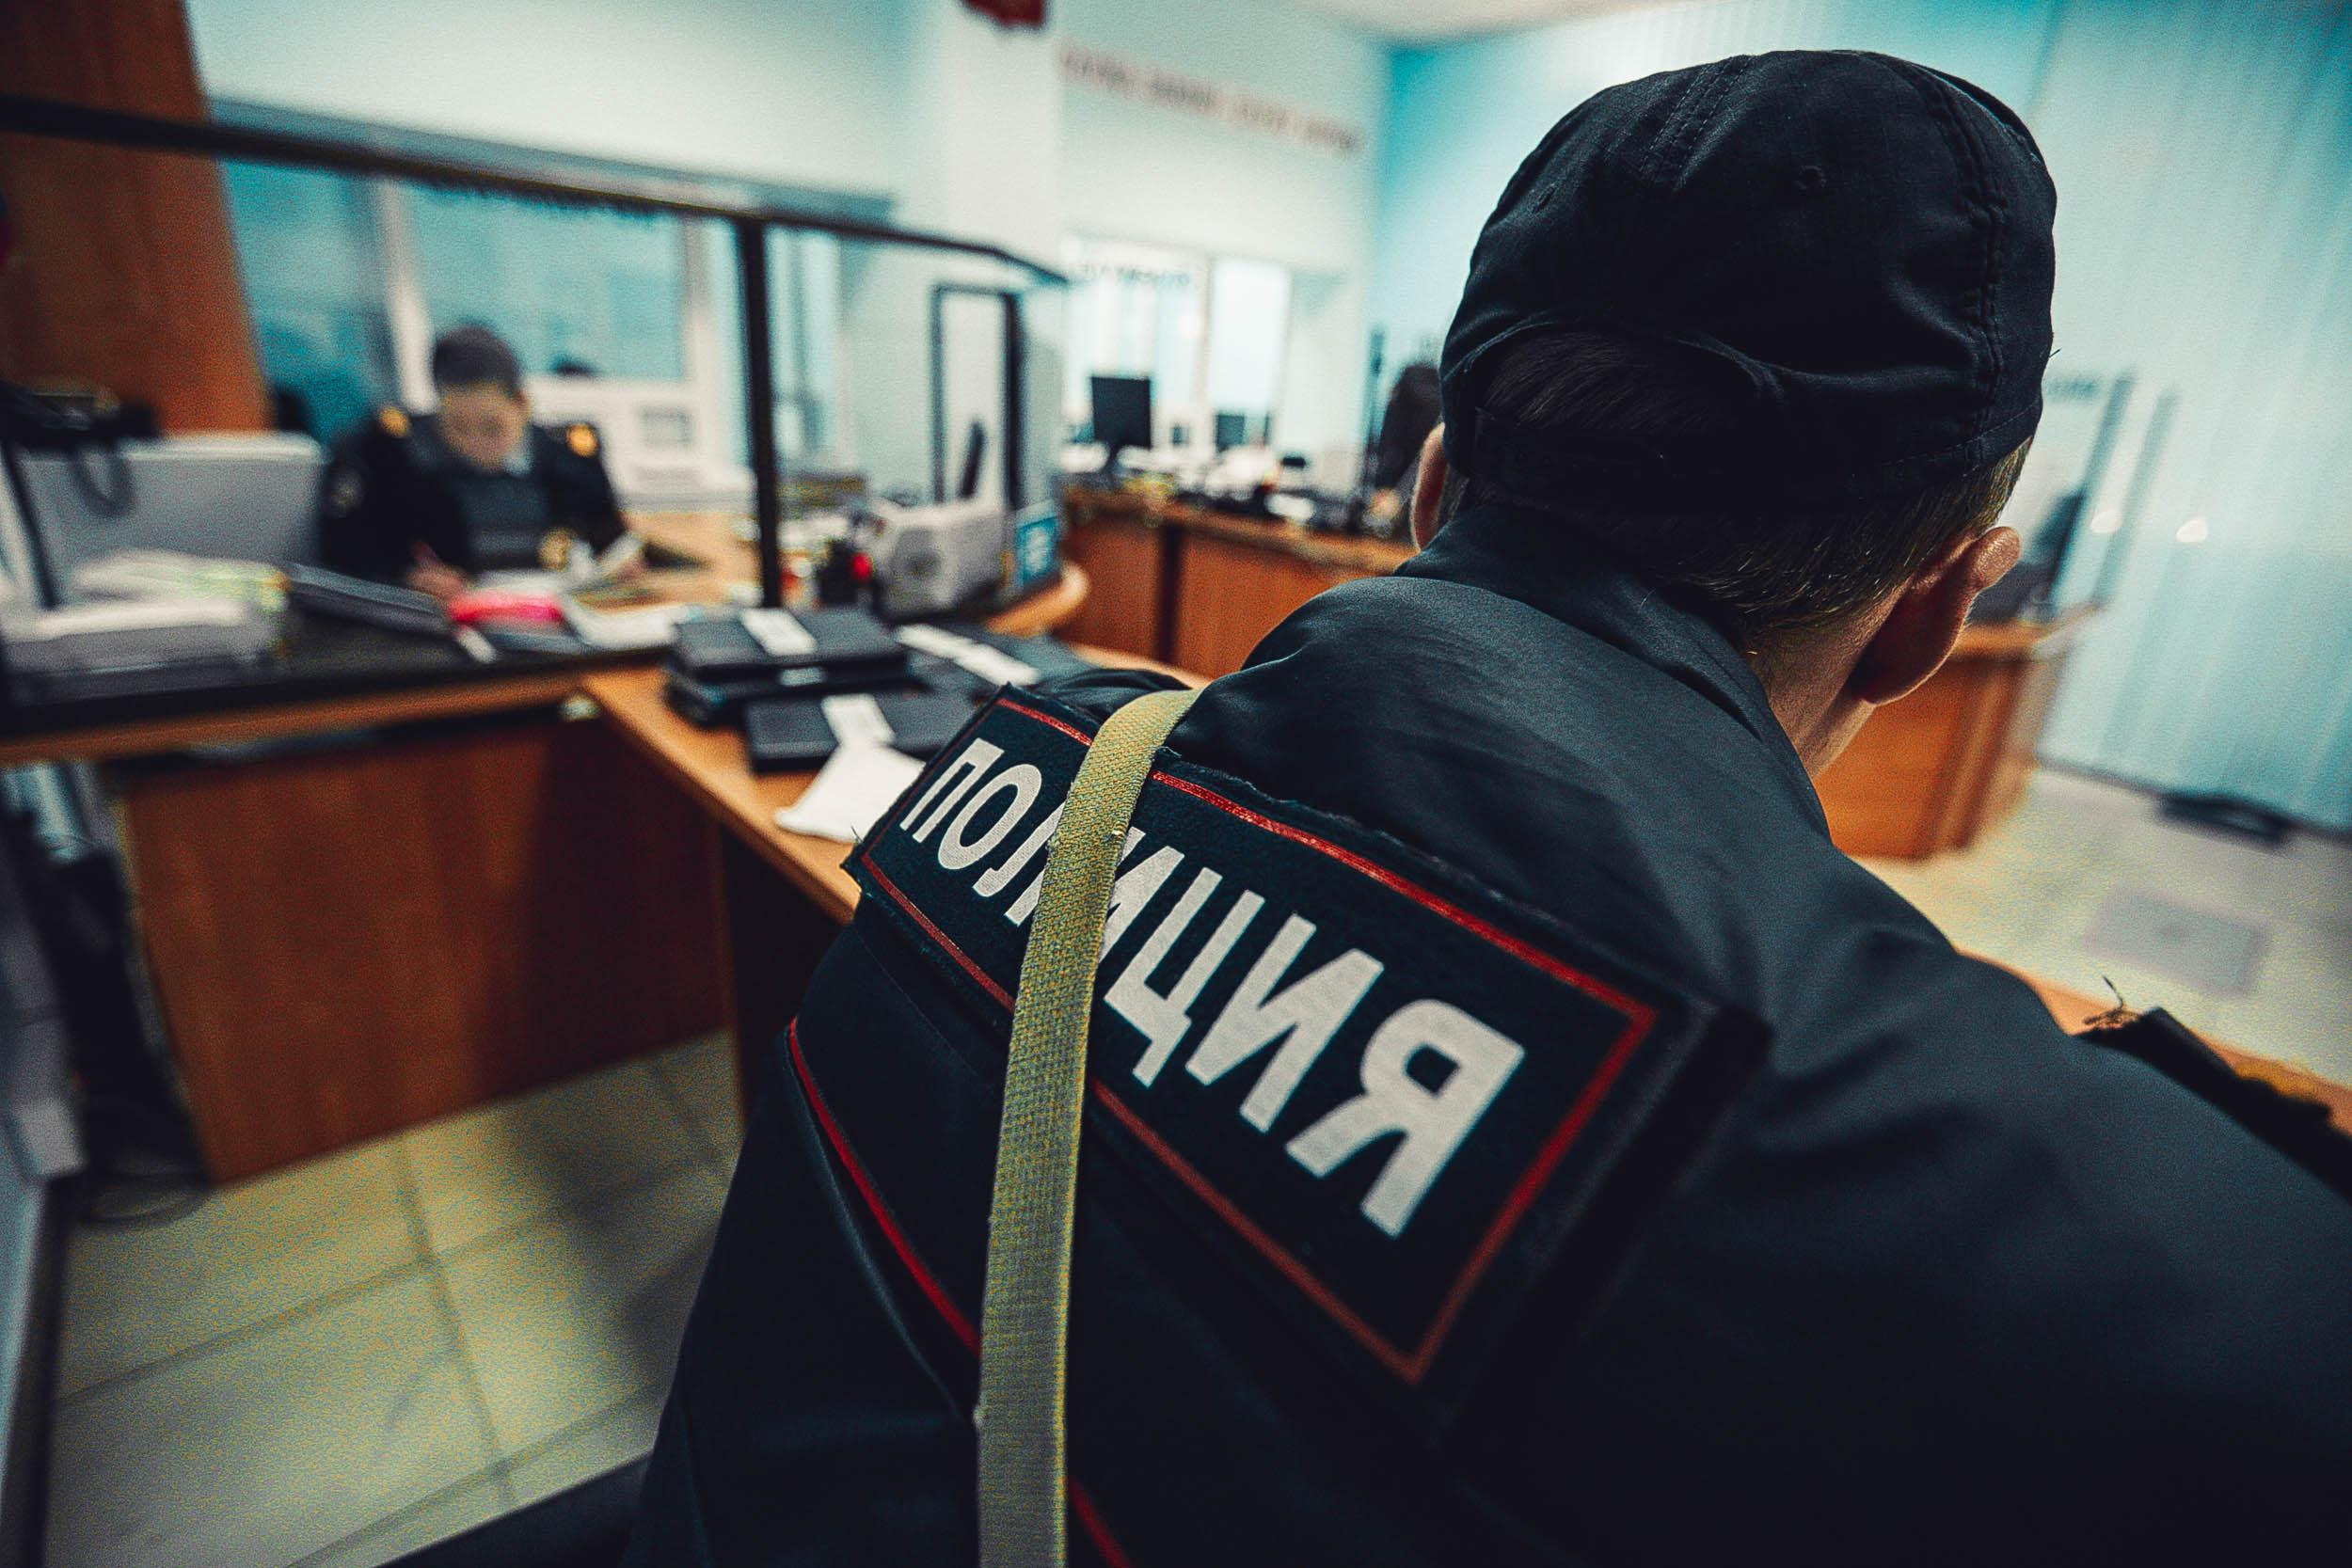 ВЯкутии при исполнении служебных обязанностей убит полицейский